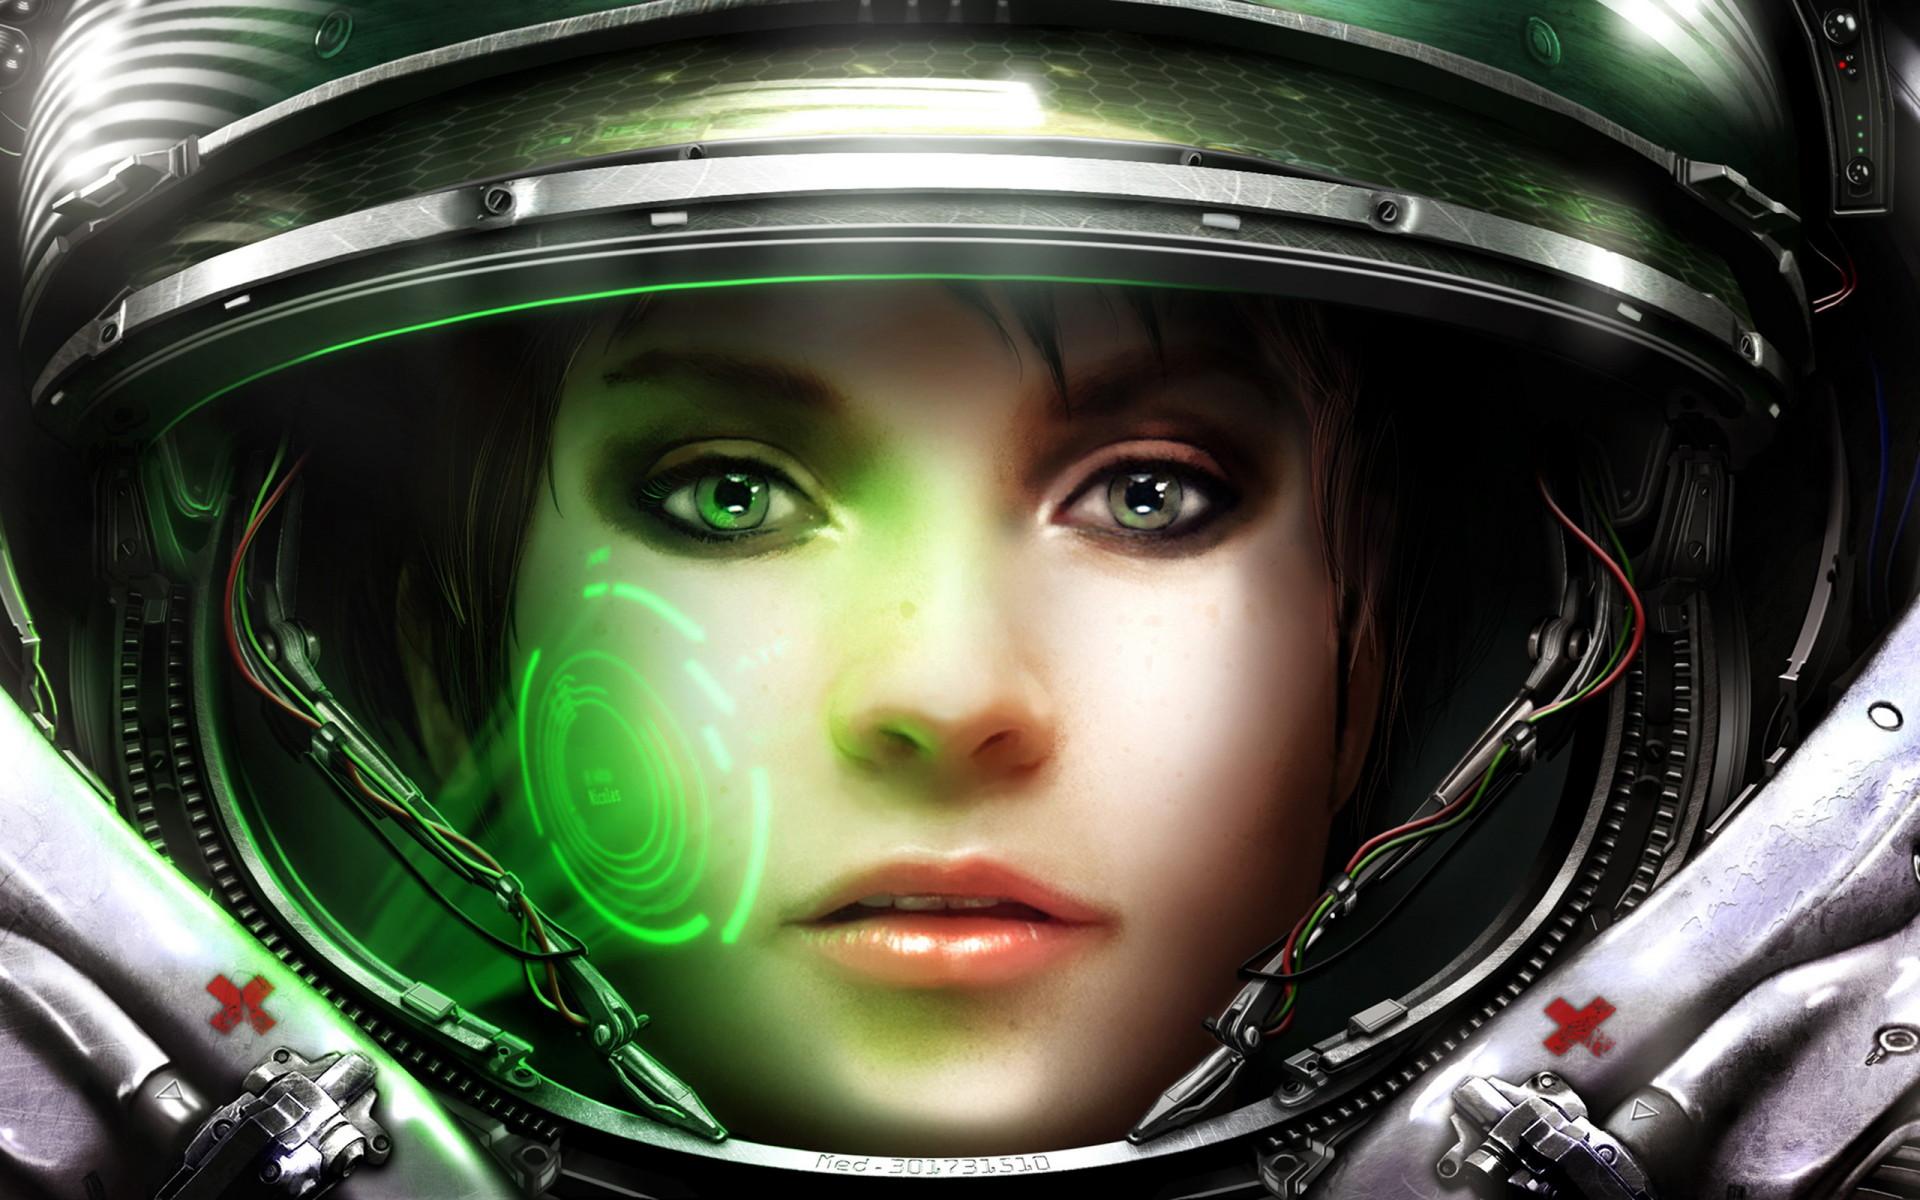 Games_Starcraft_021813_.jpg - -